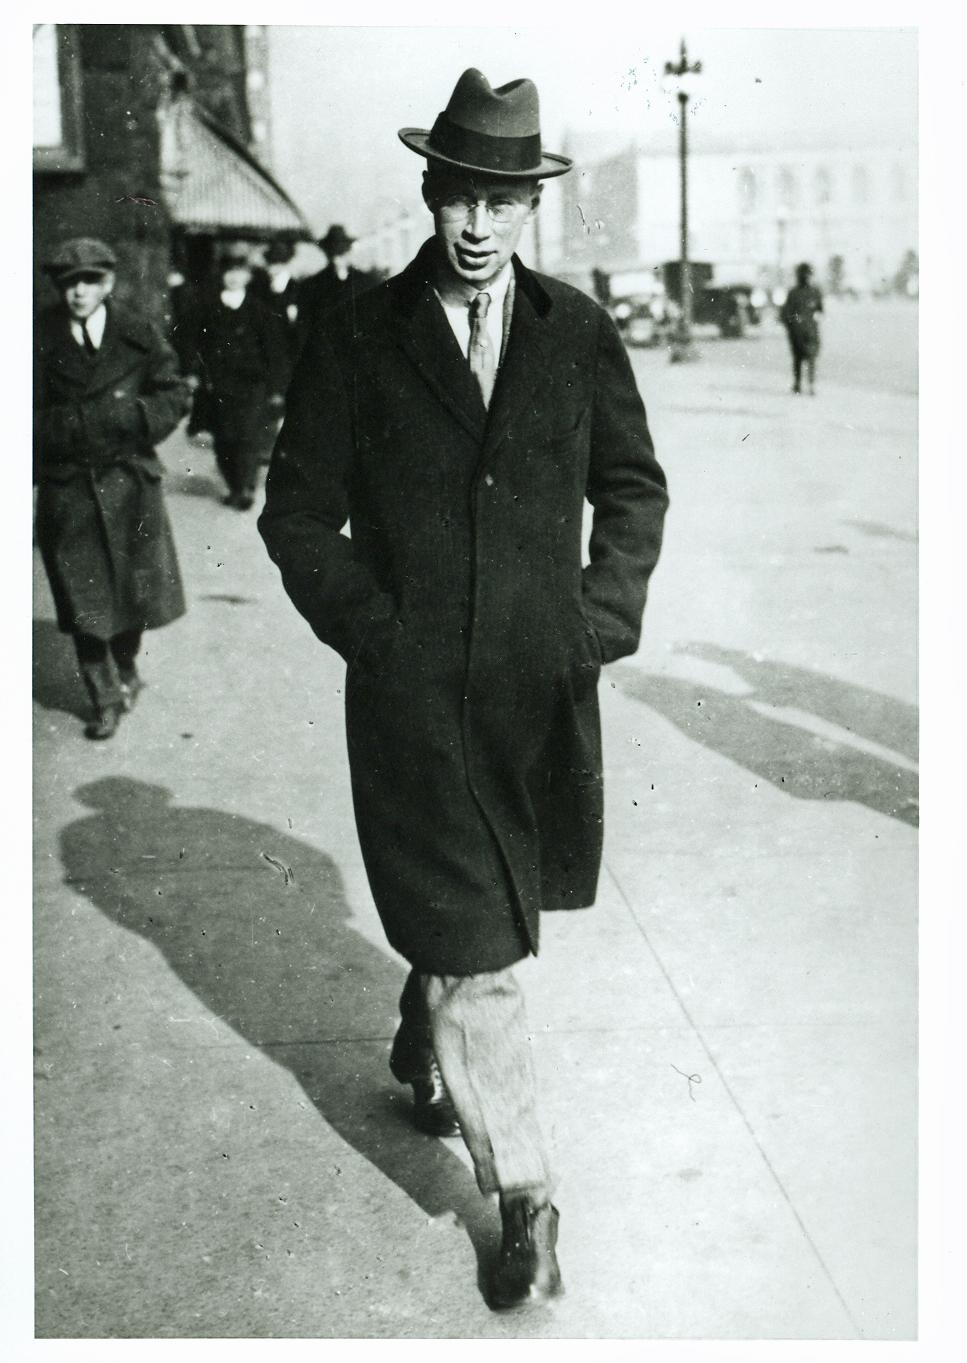 Prokofiev16onMichAve1919-Chicago